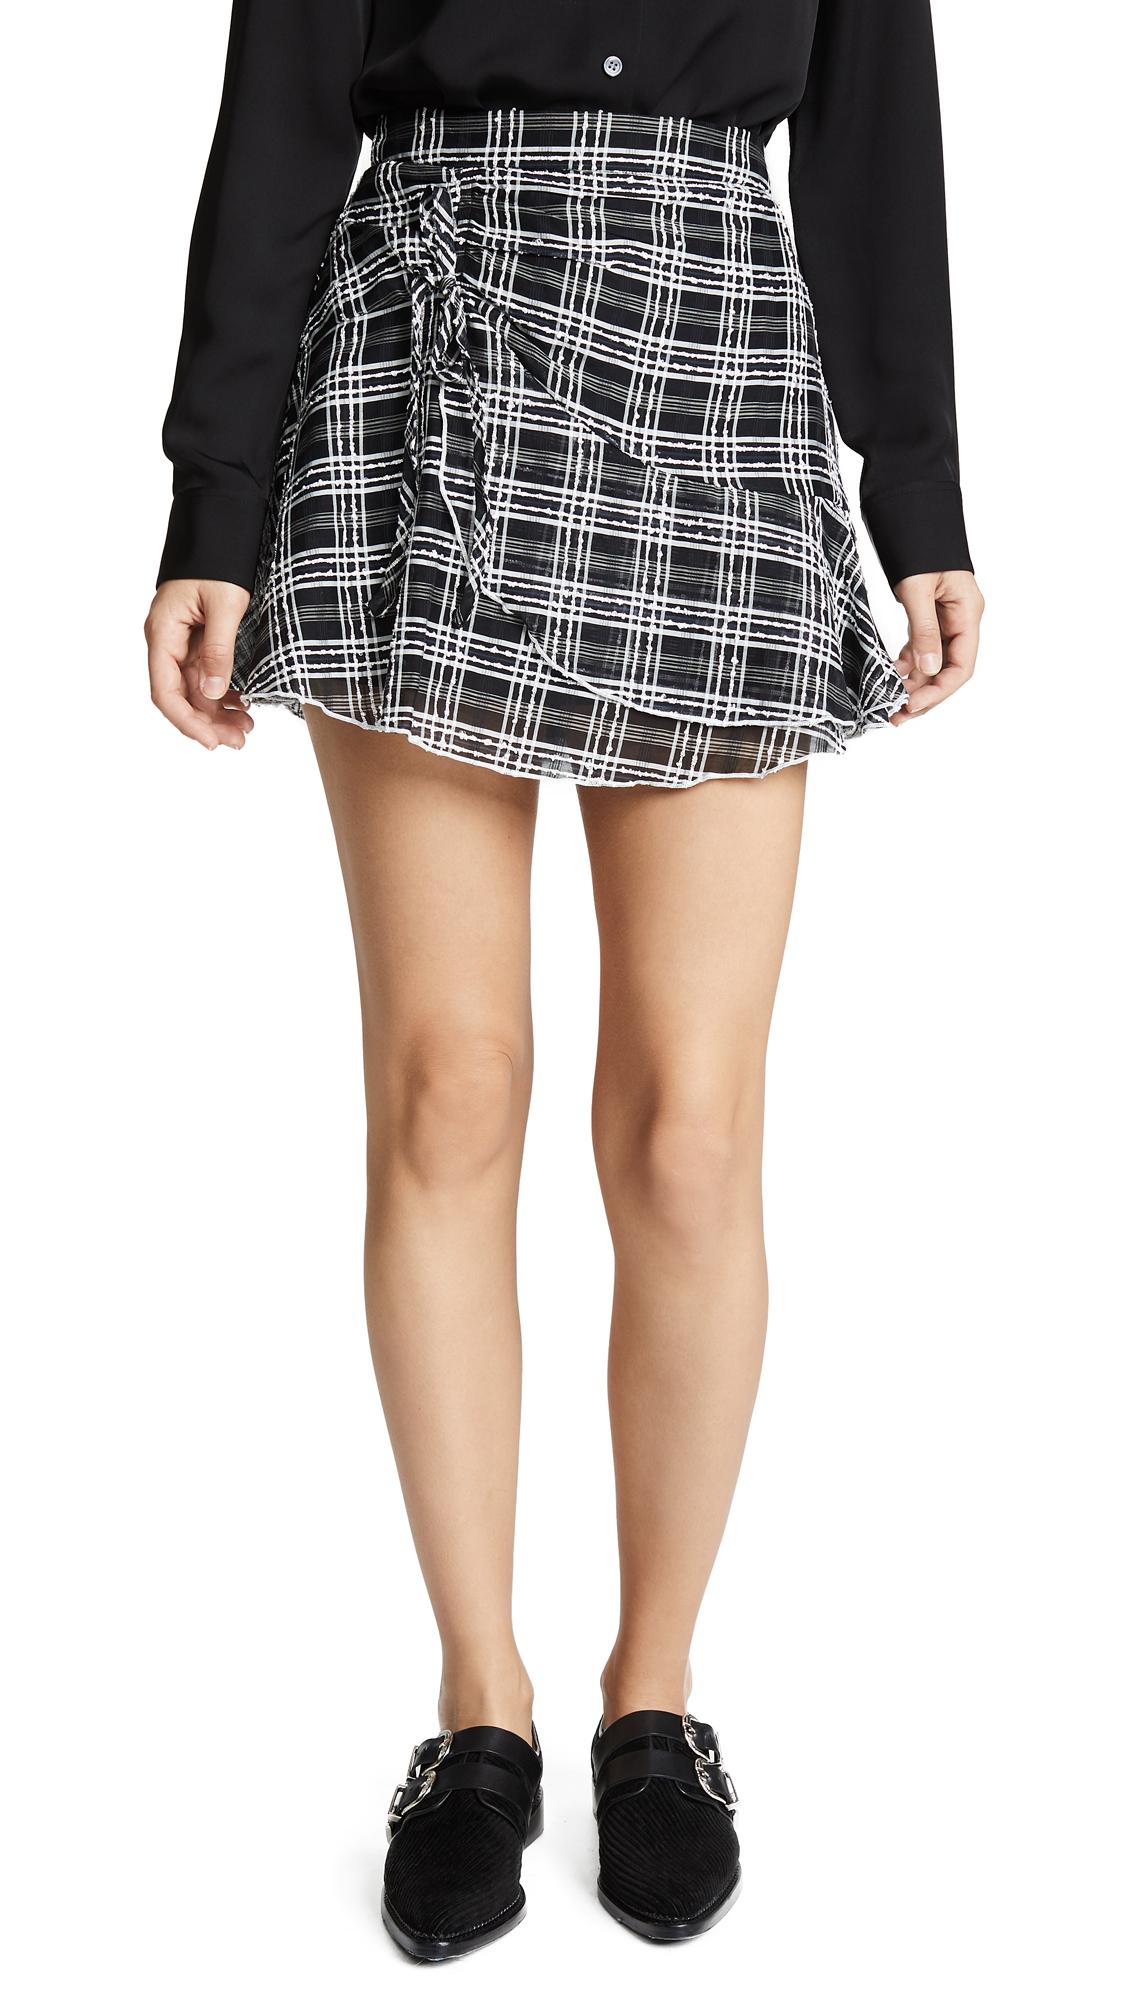 Parker Chris Skirt In Black/White